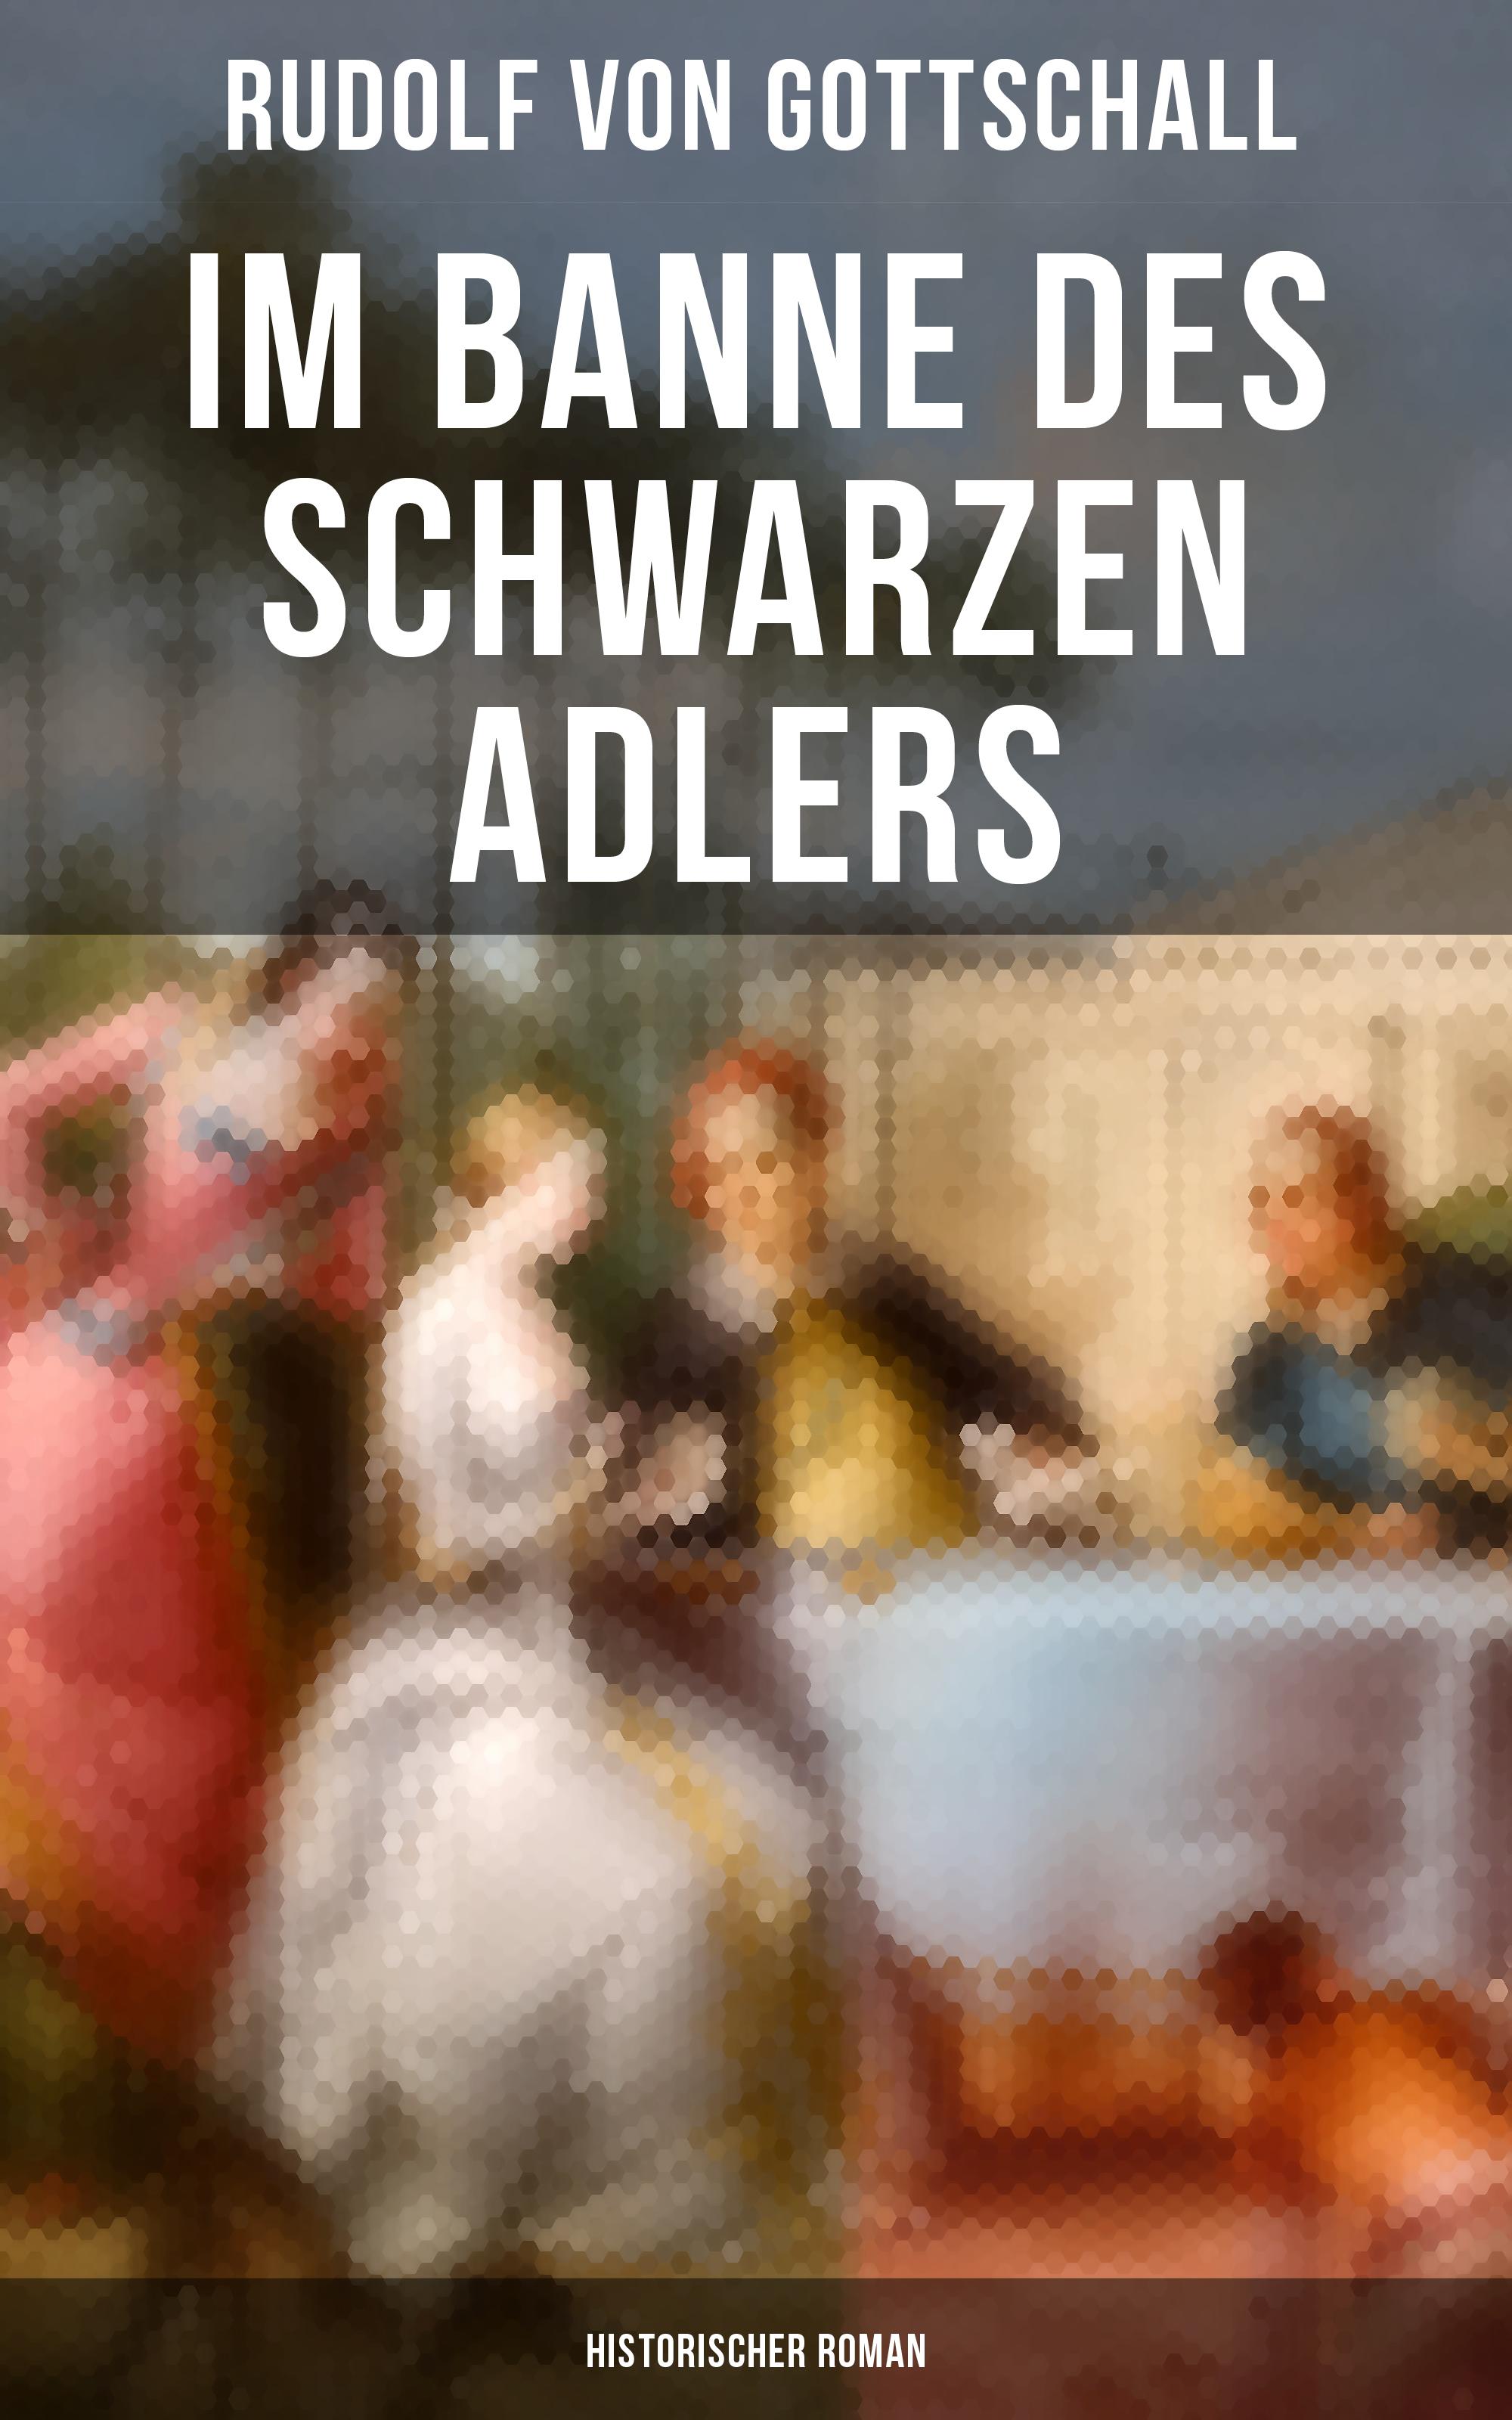 Rudolf von Gottschall Im Banne des schwarzen Adlers: Historischer Roman